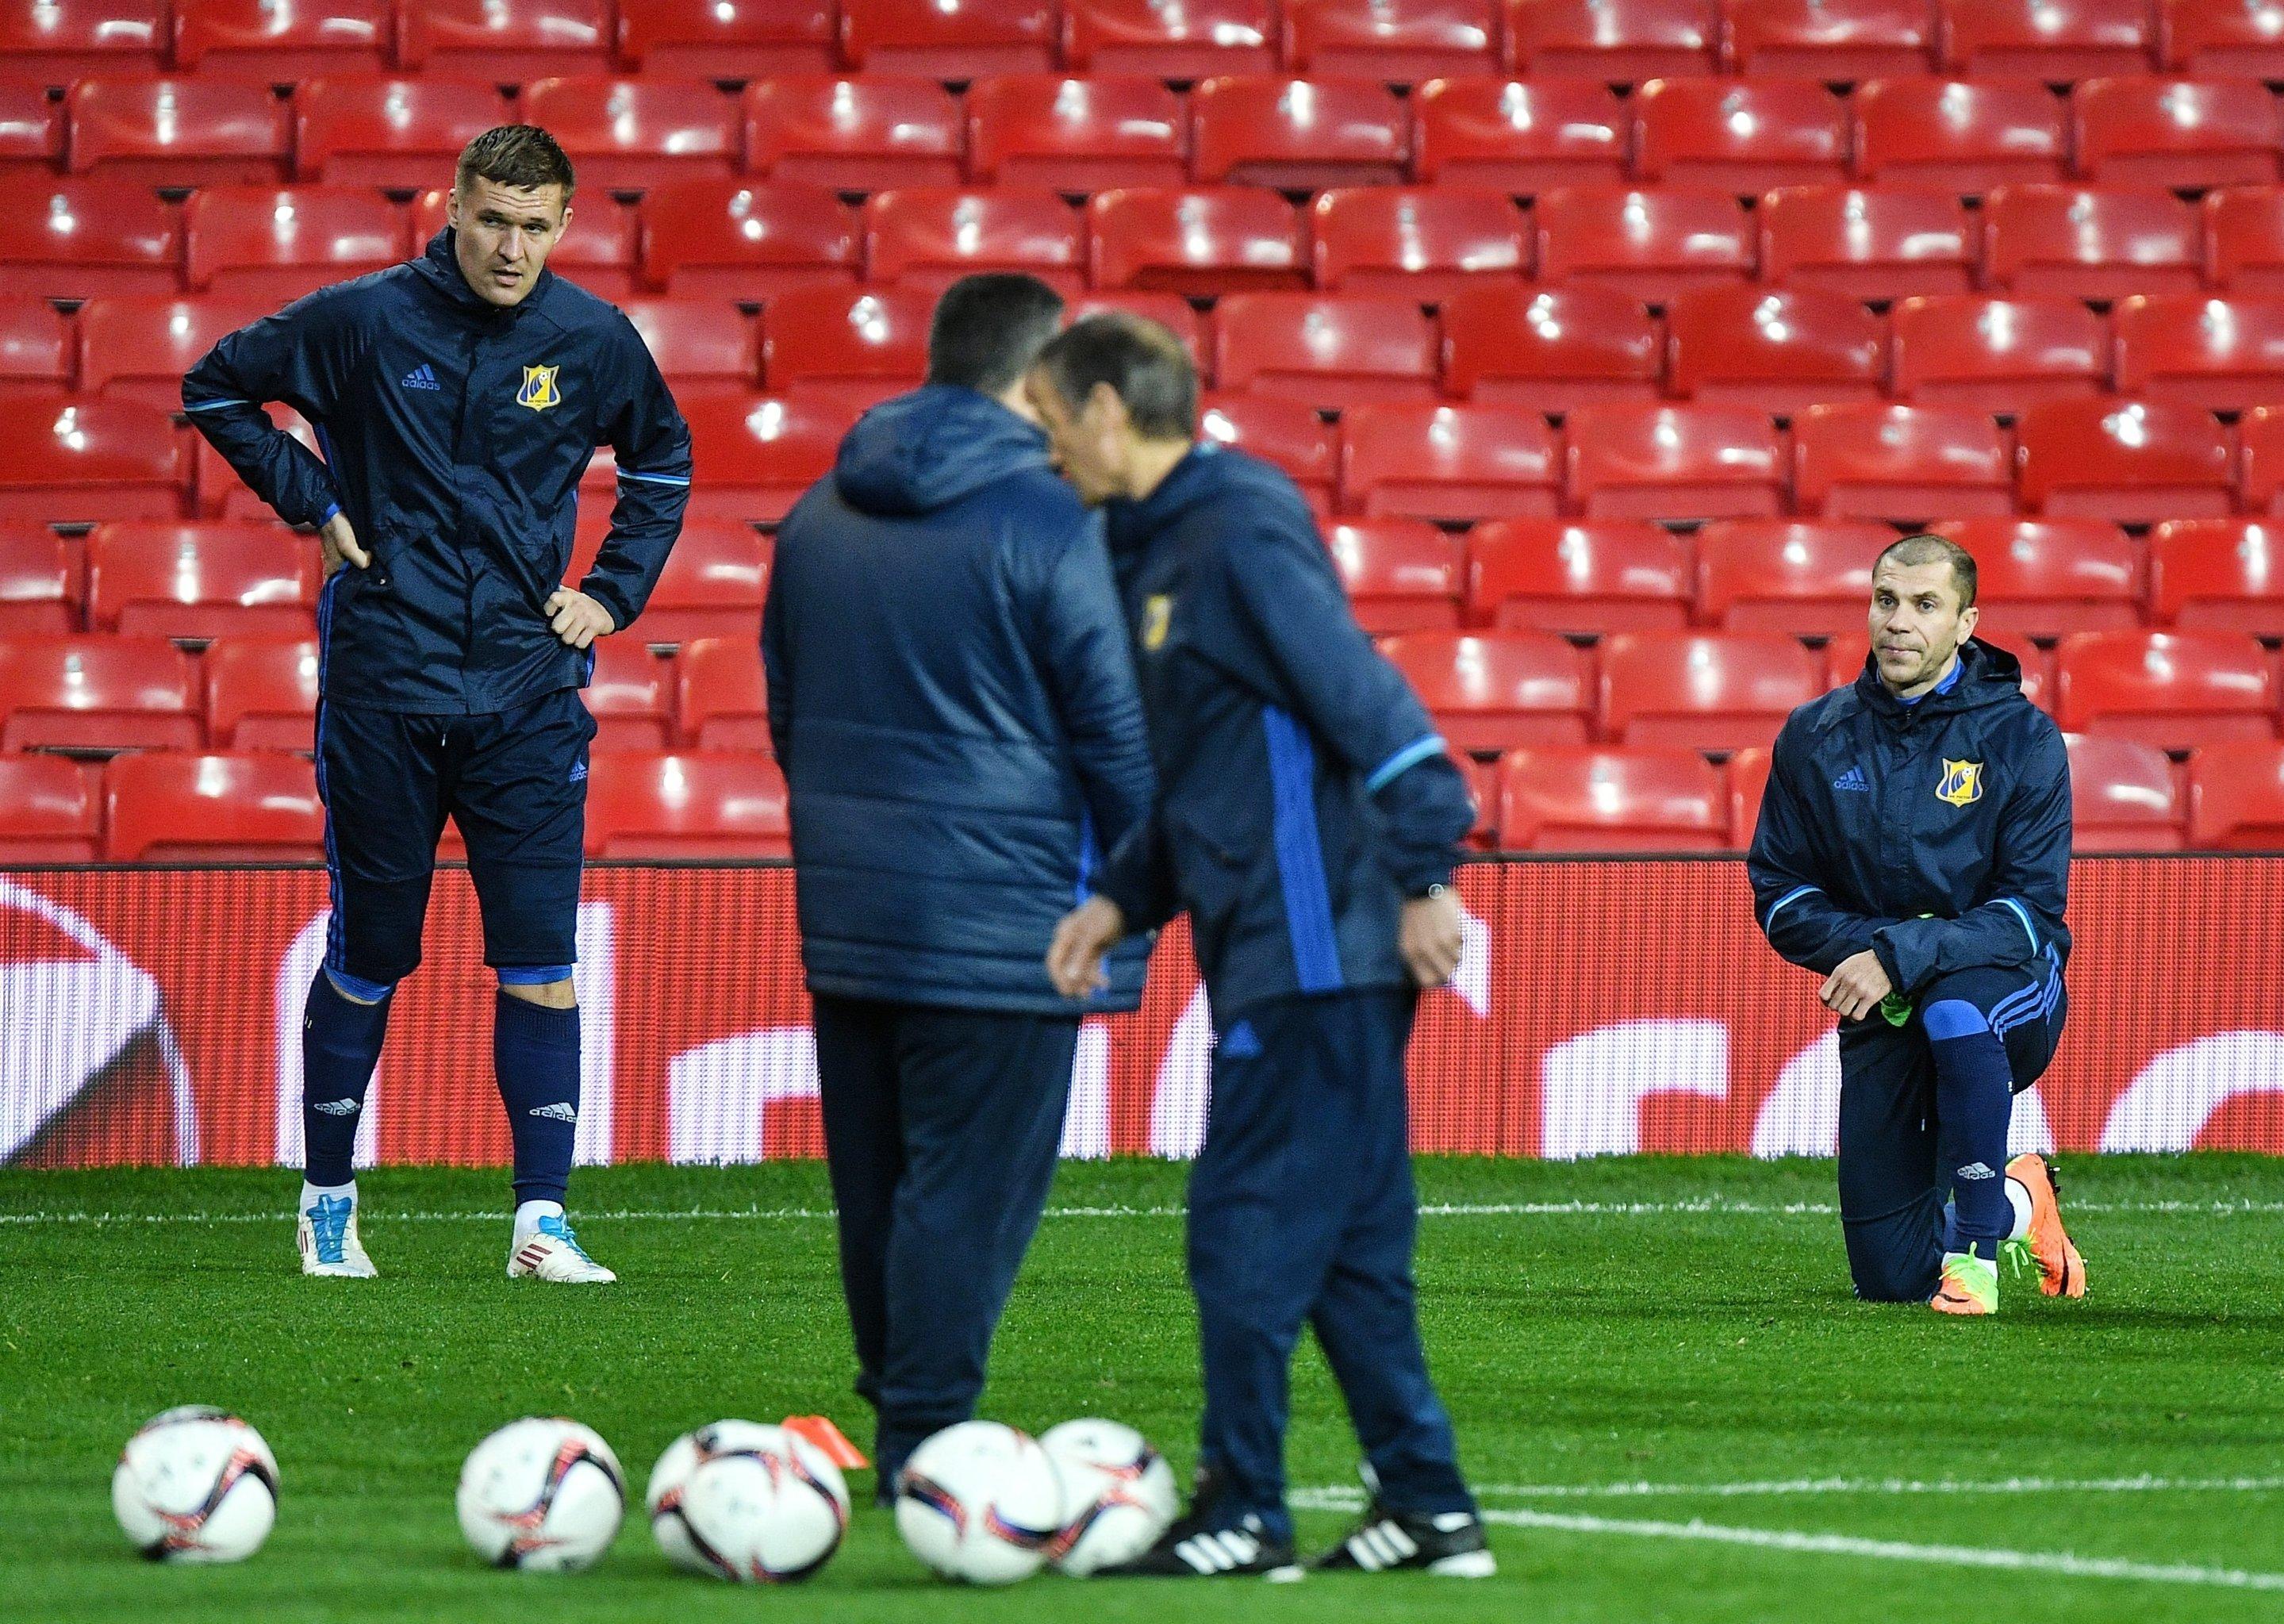 Игроки Ростова Александр Бухаров (слева) и Тимофей Калачев на тренировке перед ответным матчем против МЮ